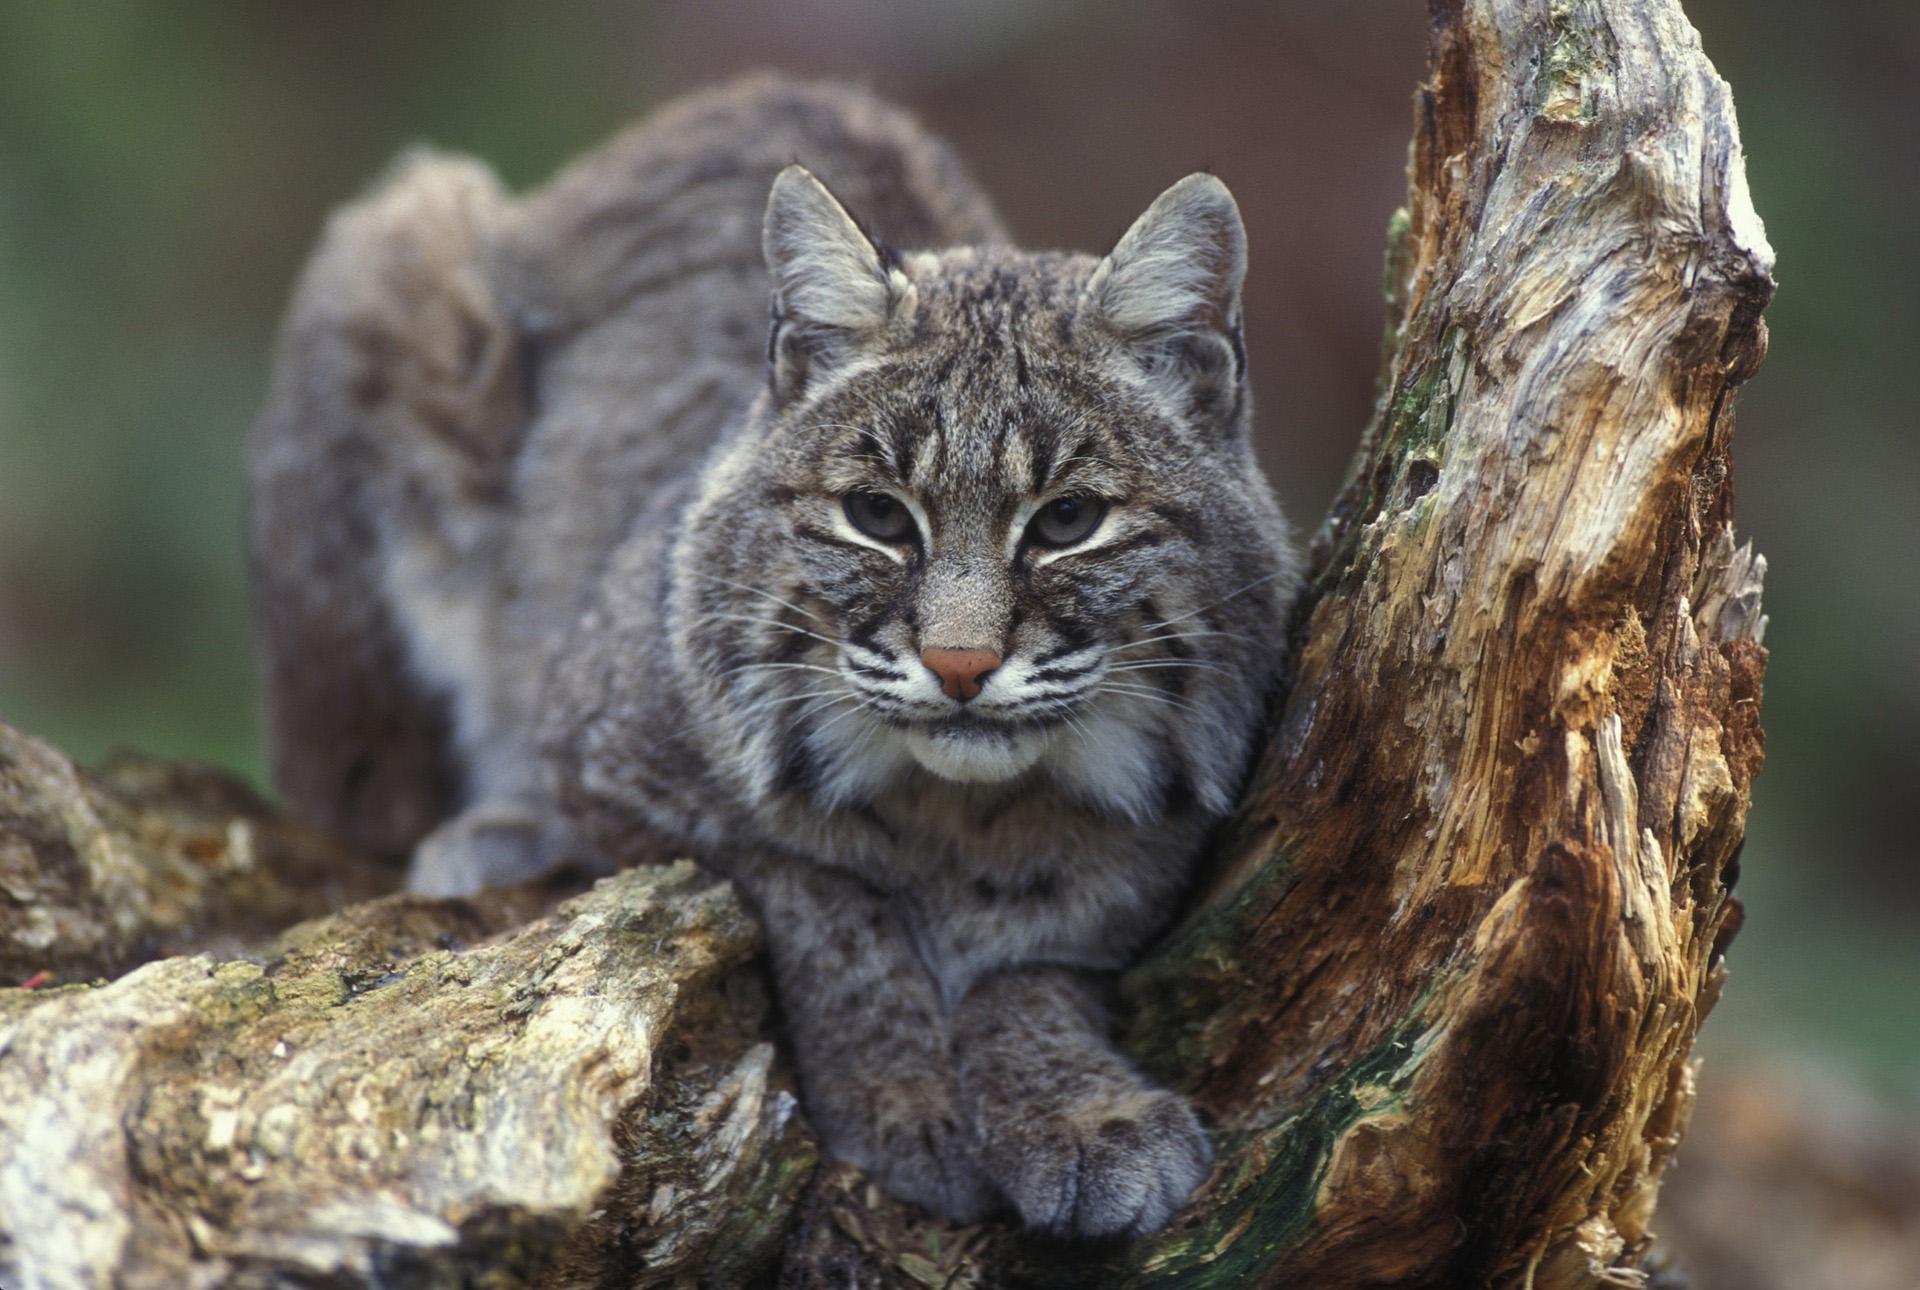 An image of a bobcat